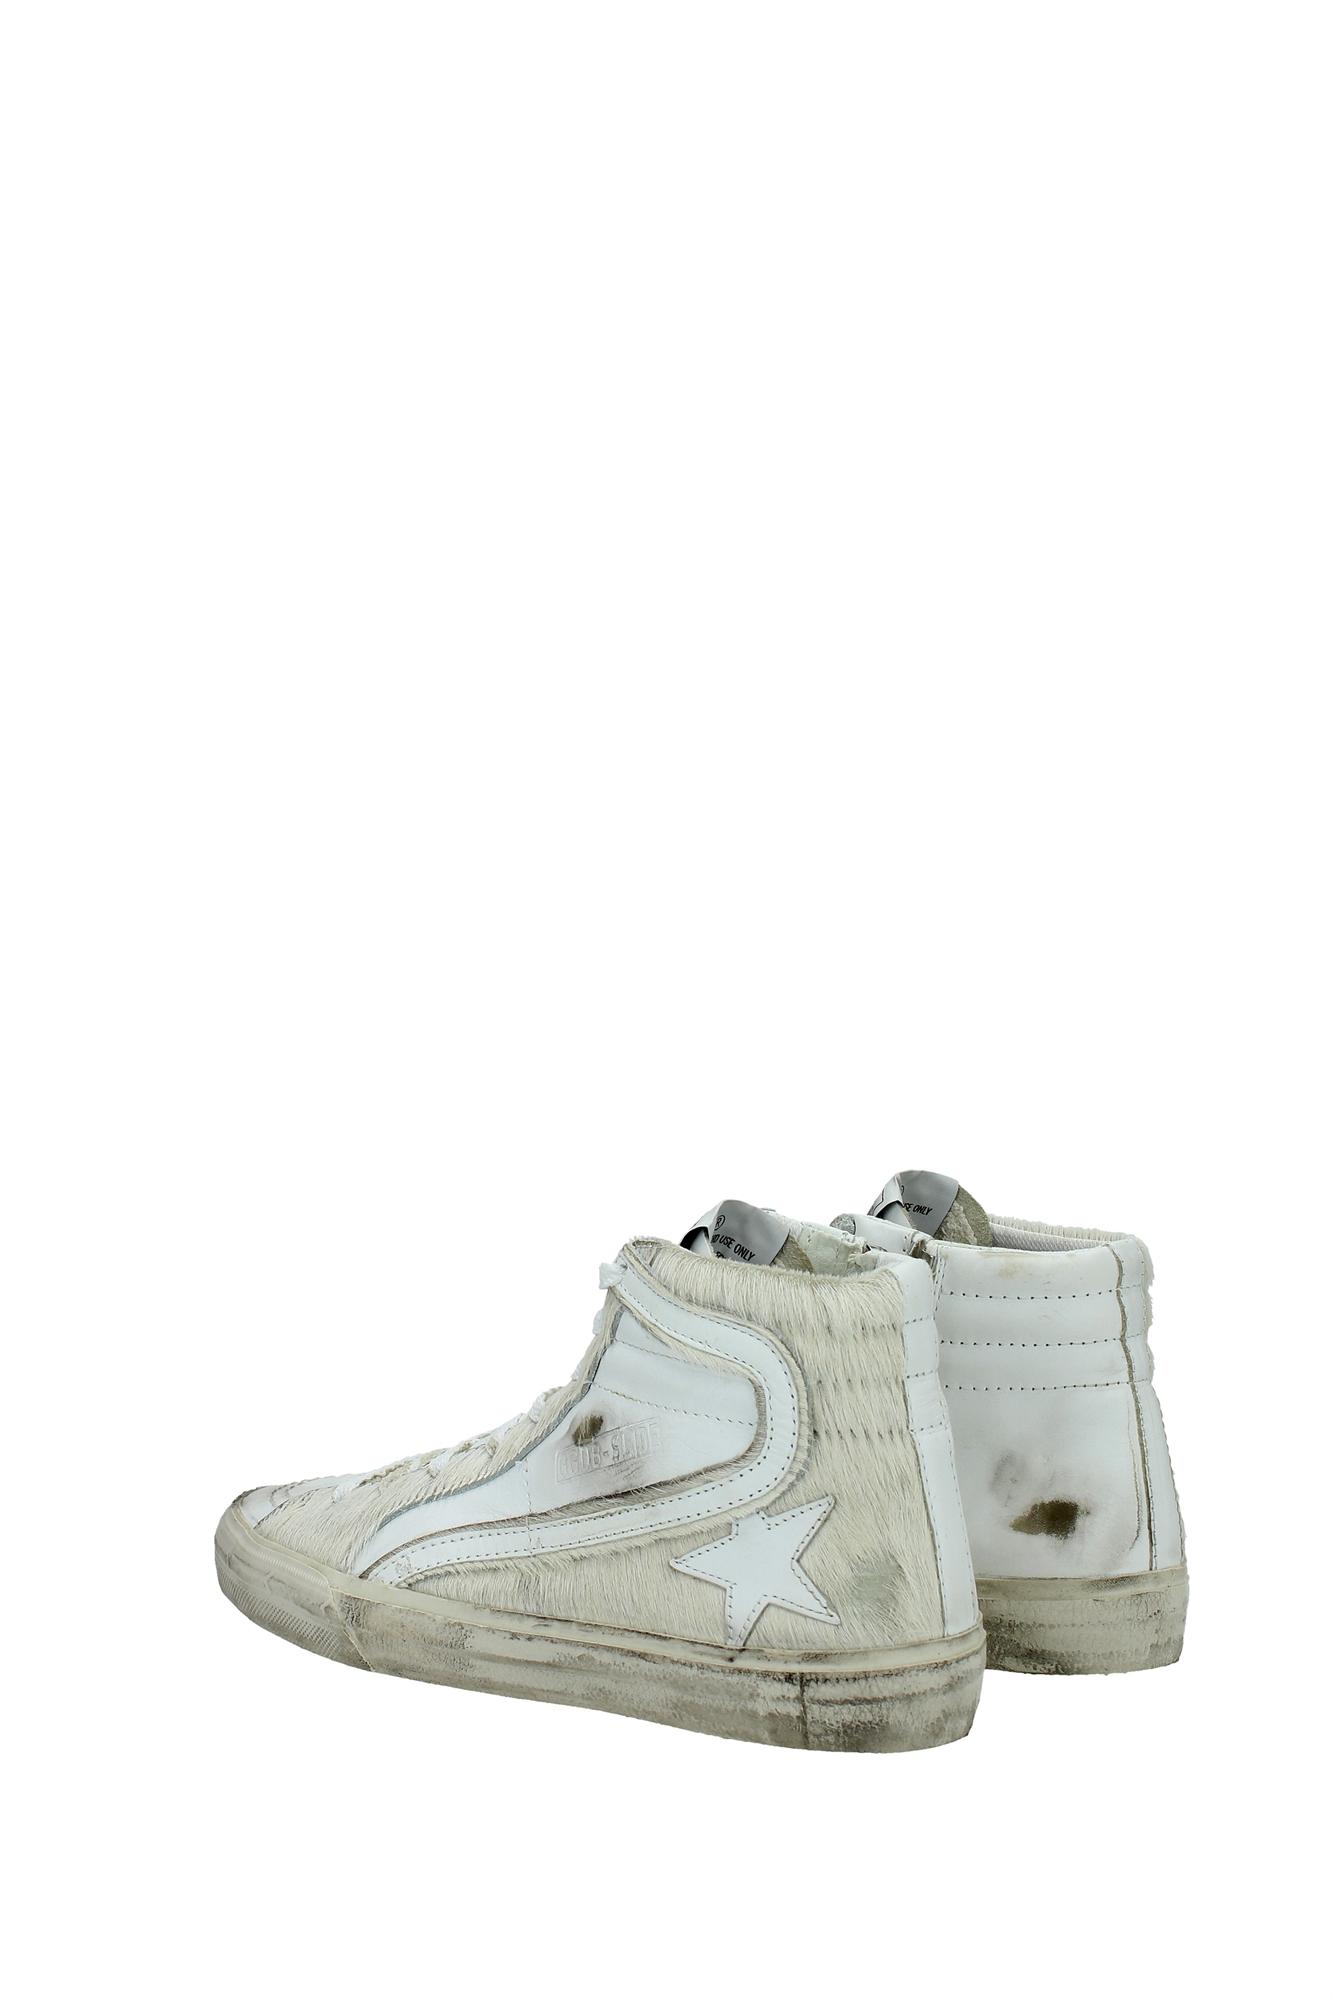 sneakers golden goose herren leder wei g27u595uma ebay. Black Bedroom Furniture Sets. Home Design Ideas